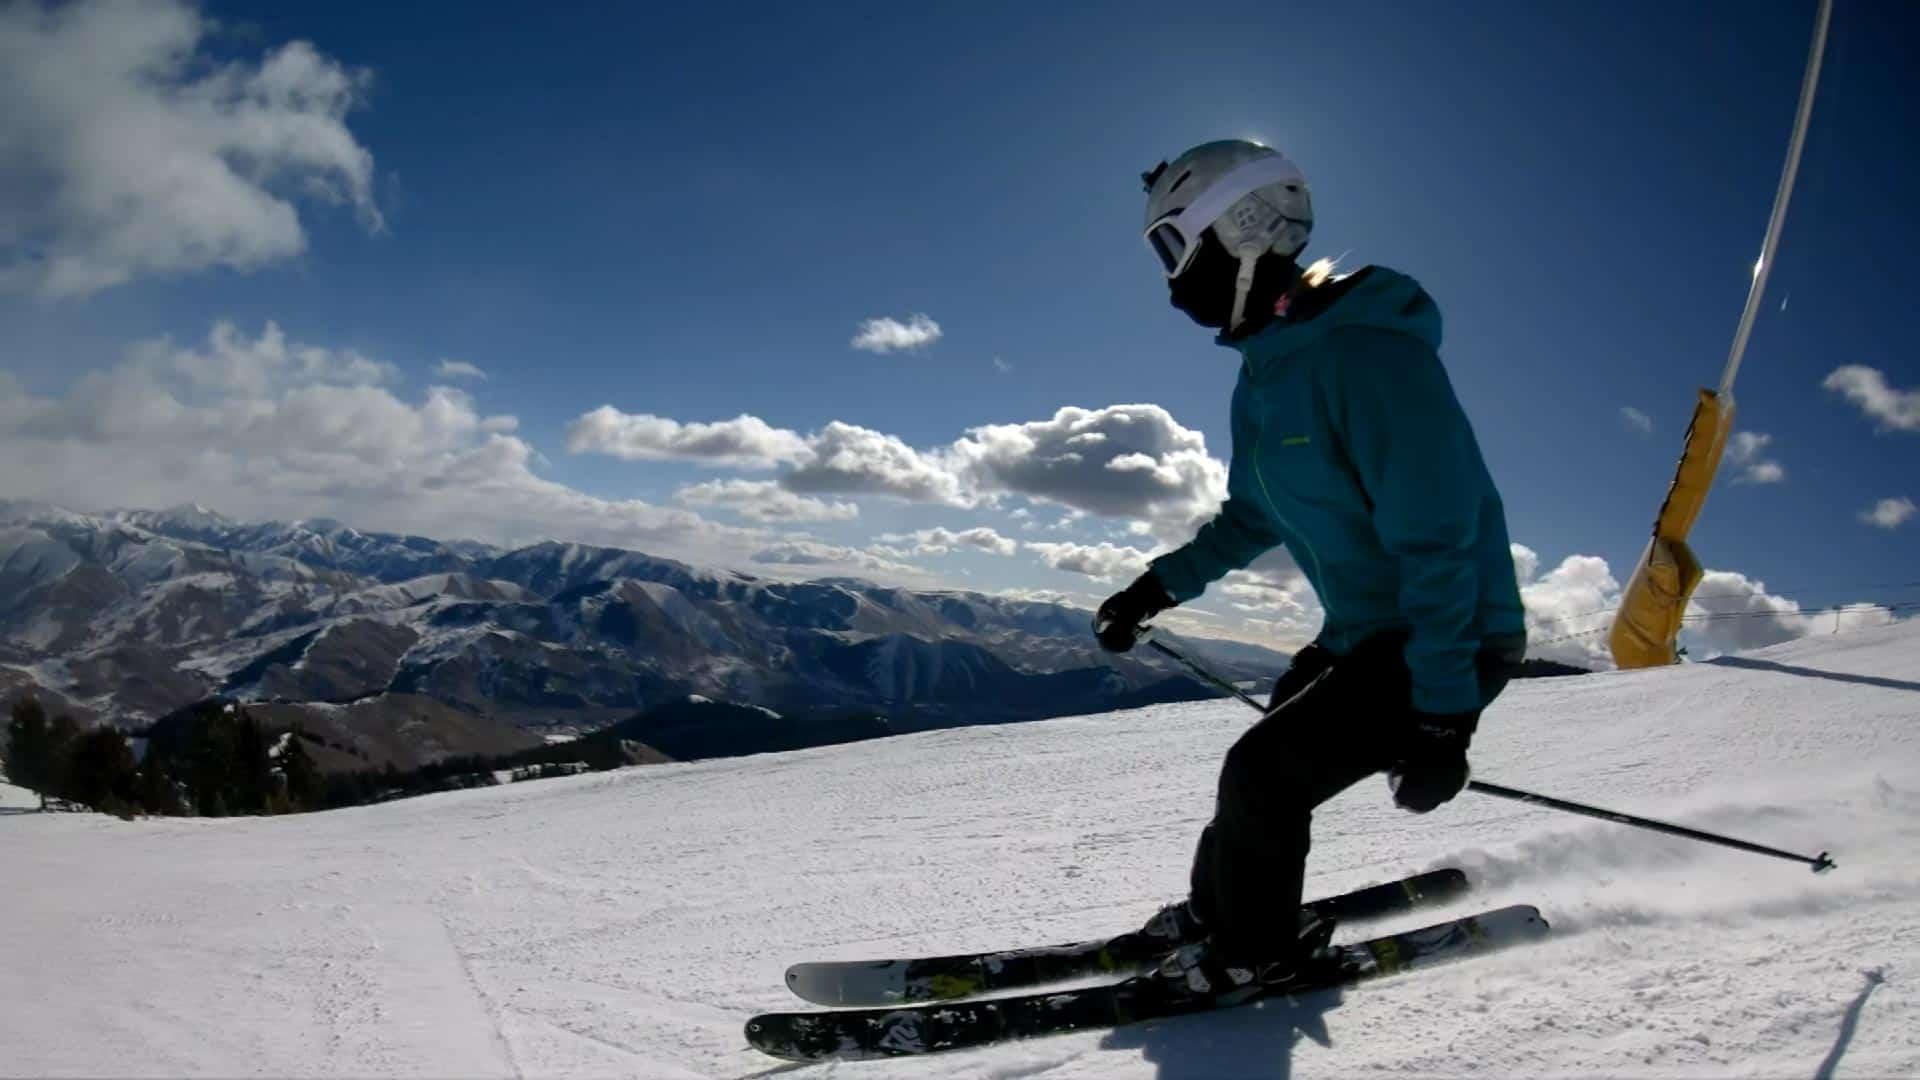 Winter Vanlife is More than skiing Powder Sun Valley Idaho (7 of 17)